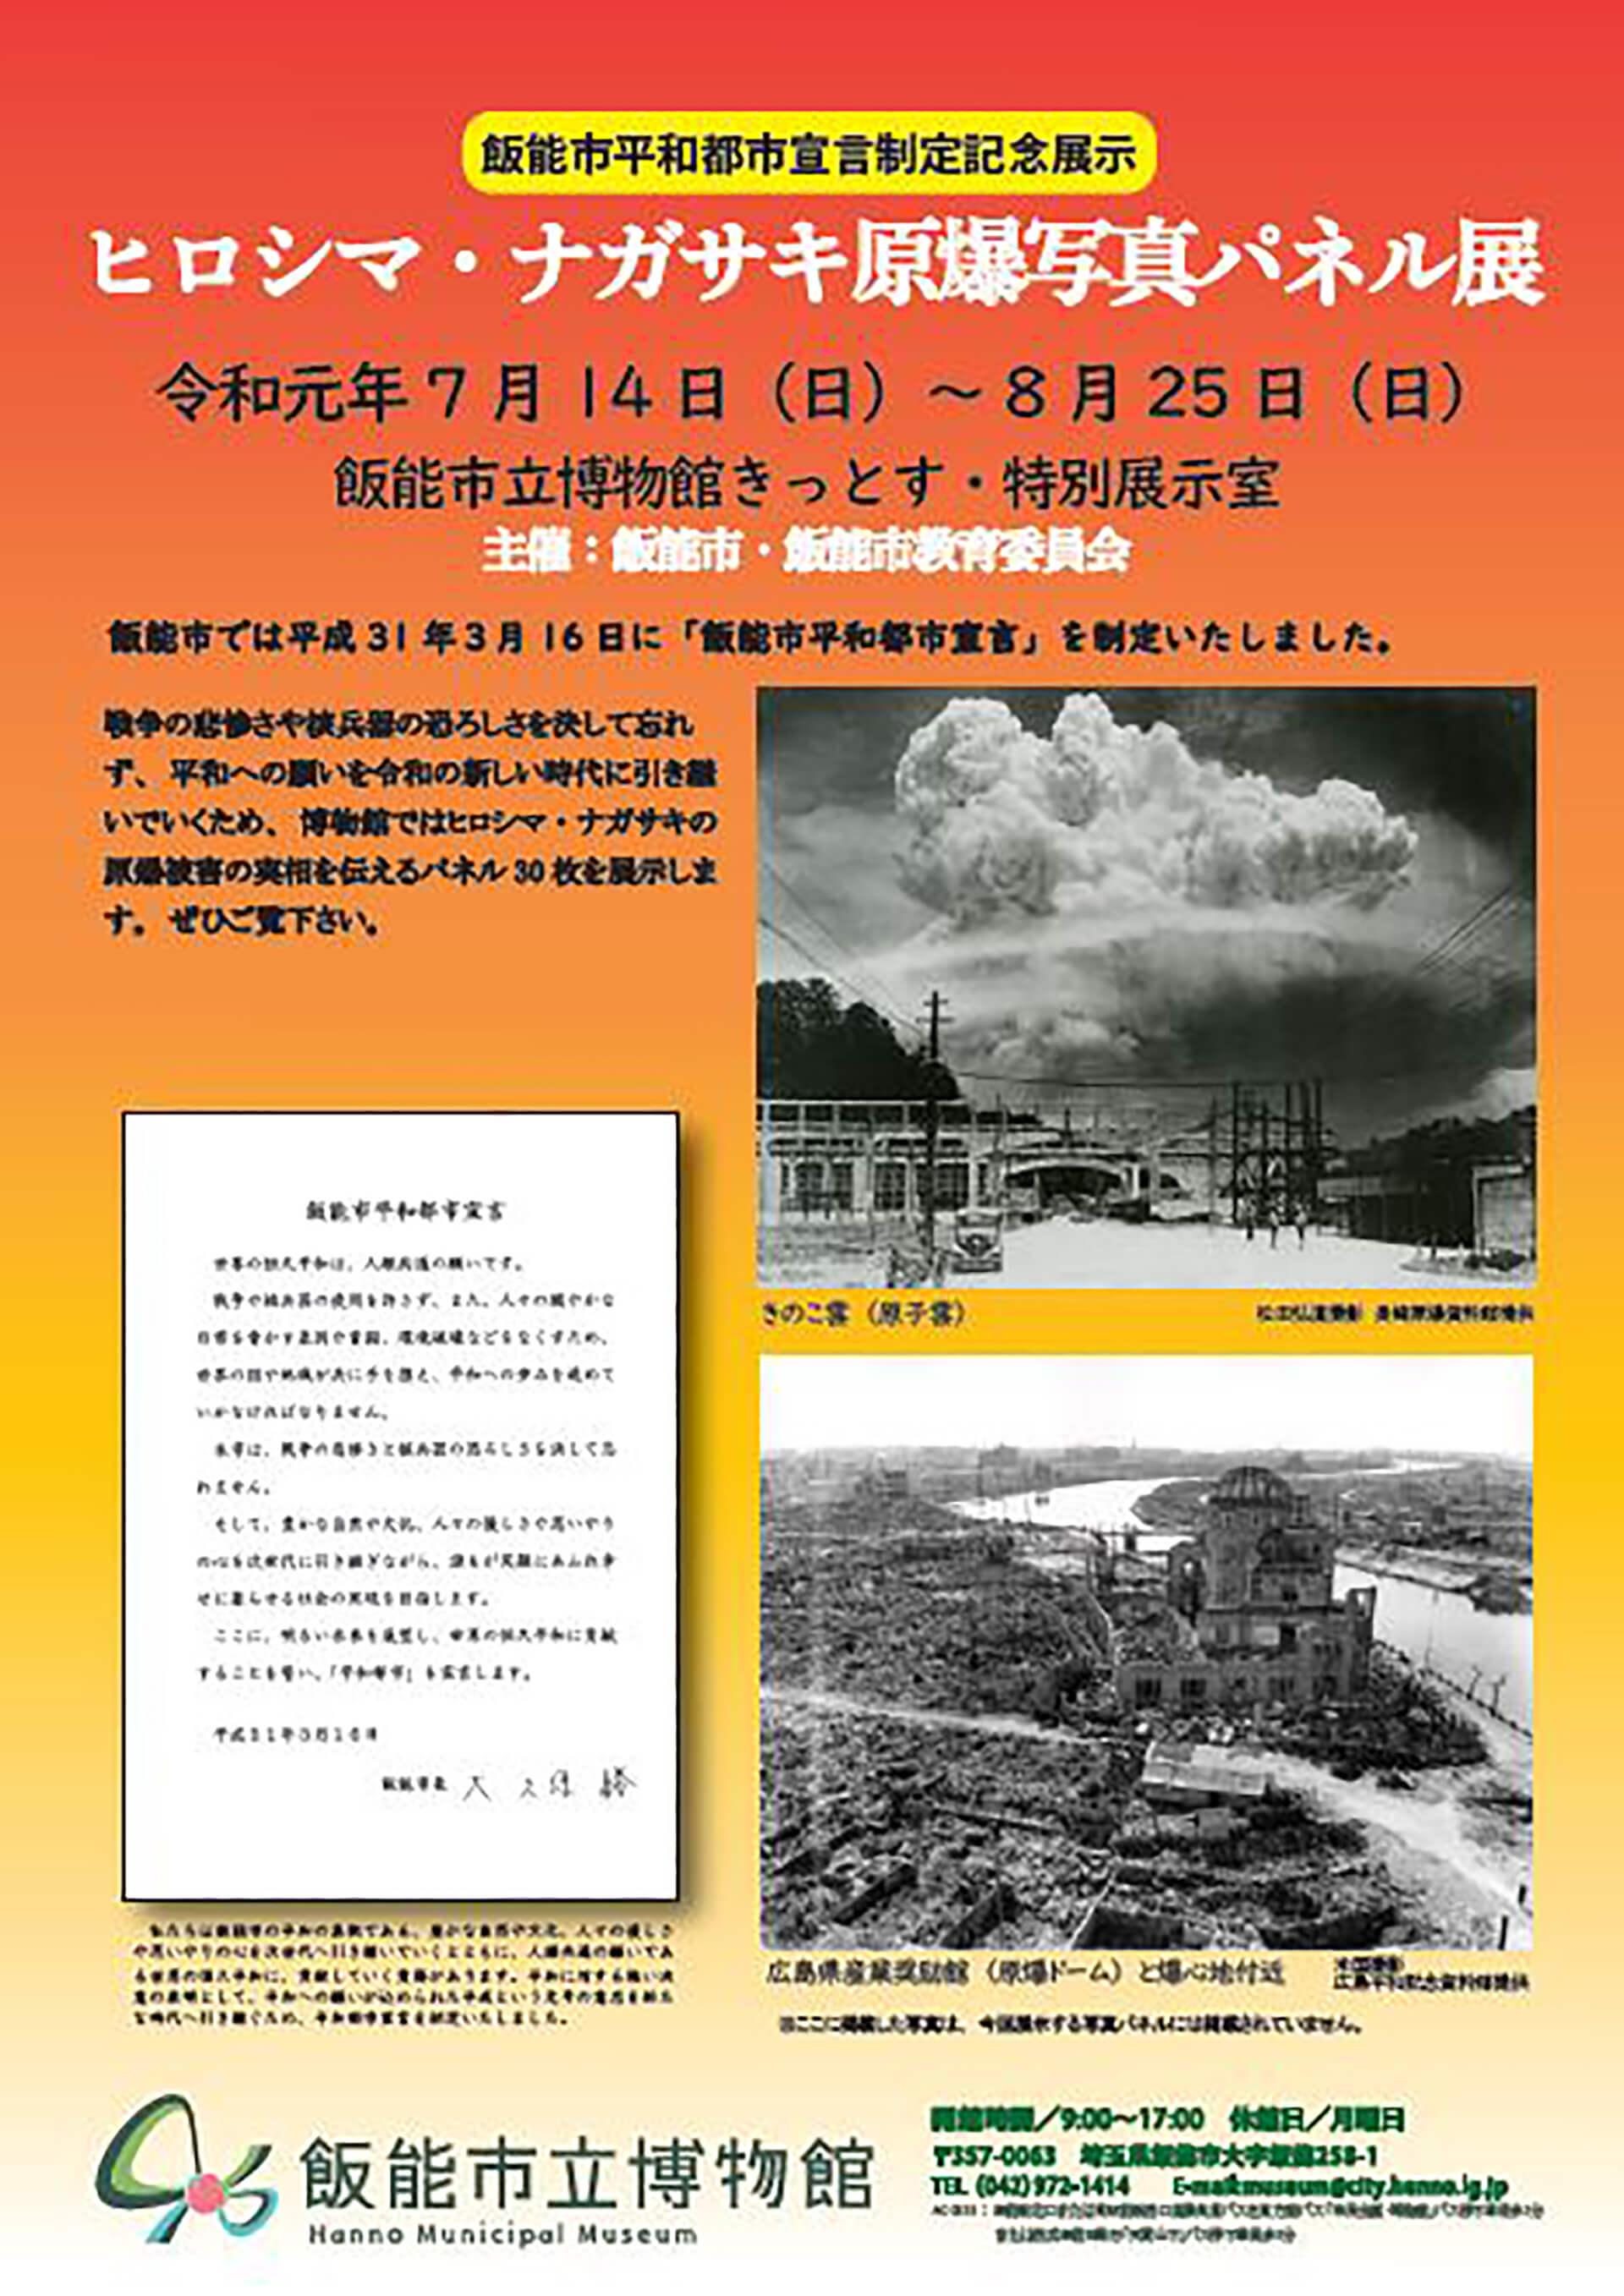 ヒロシマ・ナガサキ原爆写真パネル展のメインビジュアル。開催告知ポスター。原爆写真を使っています